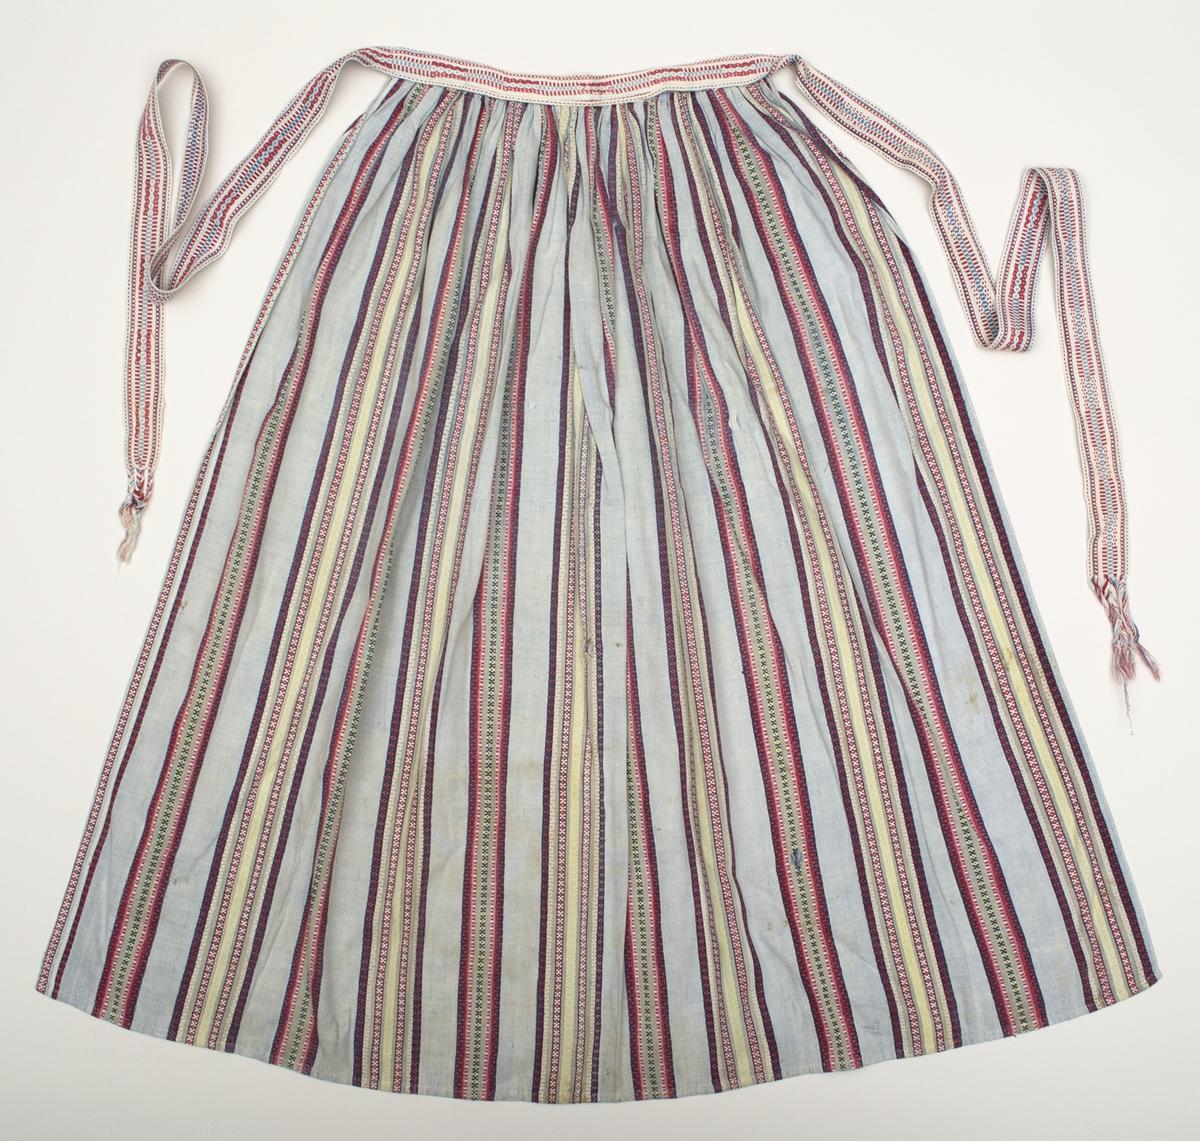 Bomullsförkläde vävt i rosengång i ljusblått, rött, rosa, gult, vitt och mörkblått. Mönsterrapporten 165 mm bred. Bredd nertill 955 mm, med fåll 8 mm, sidfåll 3 mm. Förklädet rynkat mot linningen som är av samma tyg som förklädet, framtill är ett band, 27 mm brett, påsytt. Bandet är mönsterplockat i rött, vitt och två nyanser blått. Bandet fortsätter som knytband 880 mm med flätad avslutning upp till 100 mm.  Äldre märkning KK 14.